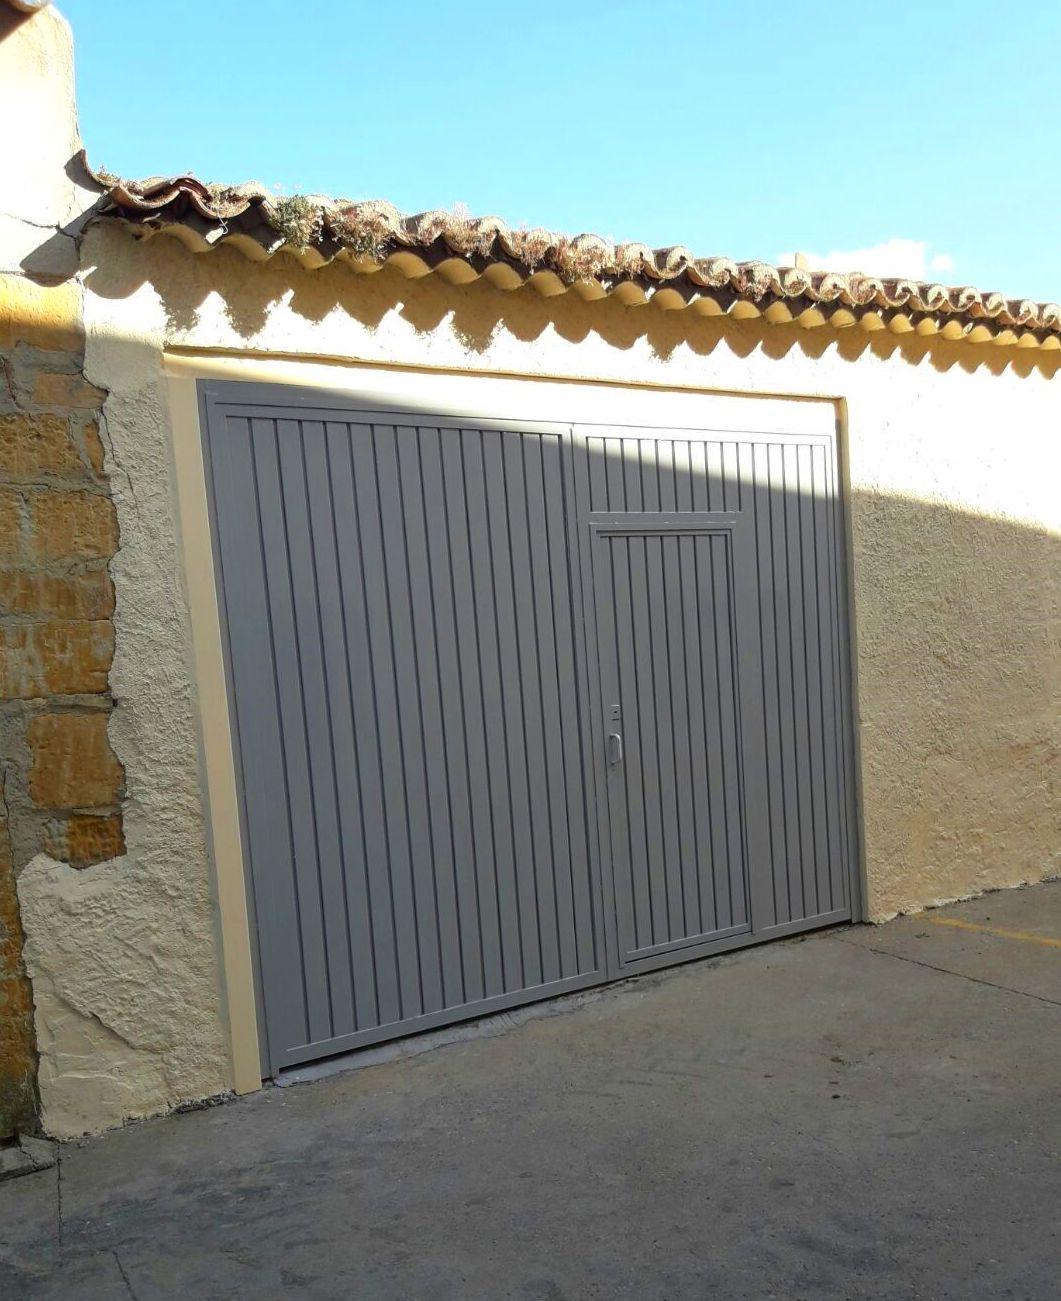 Puerta de garaje a medida en acero galvanizado con puerta peatonal,pintado de gris en Zamora